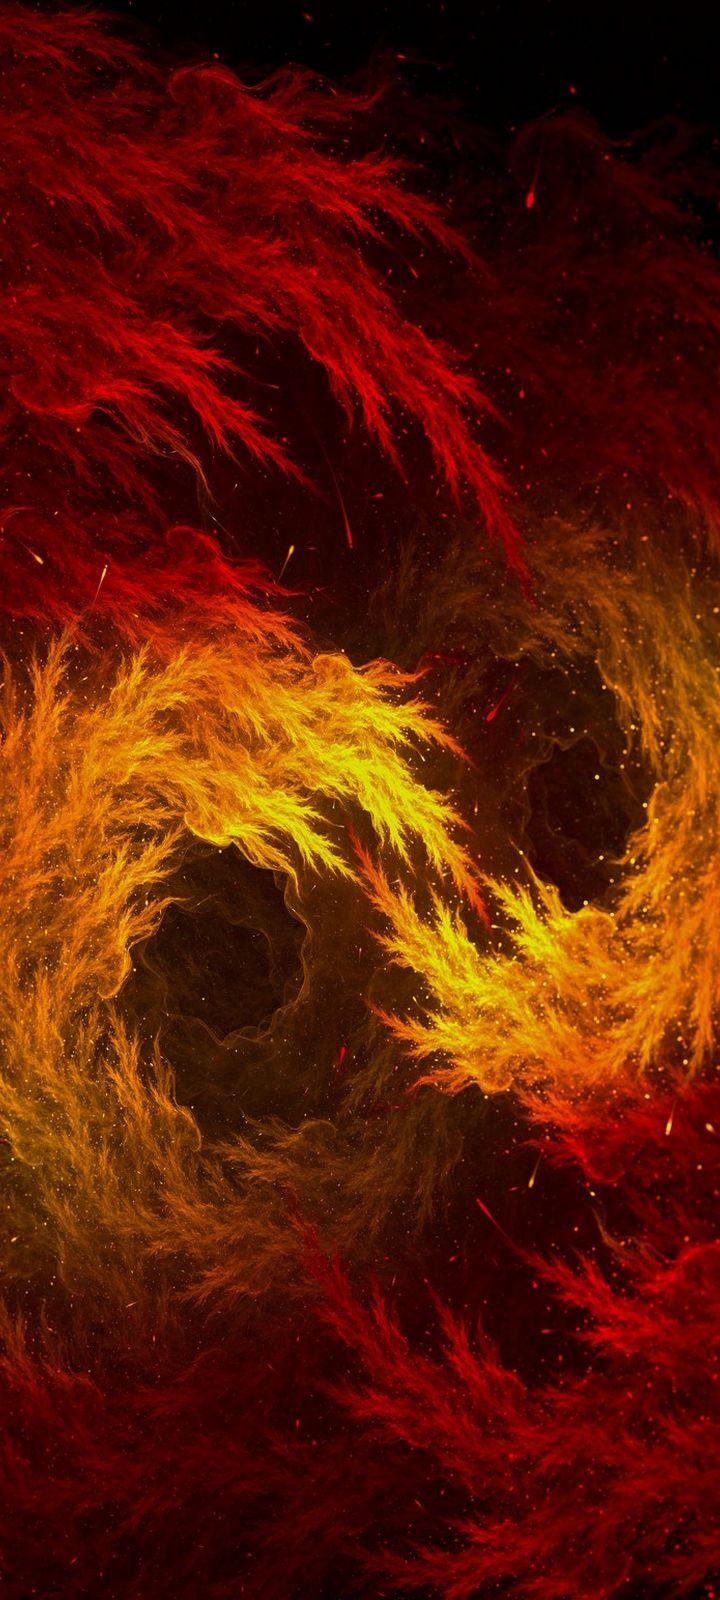 Fractal Flame Sparks Wallpaper 720x1600